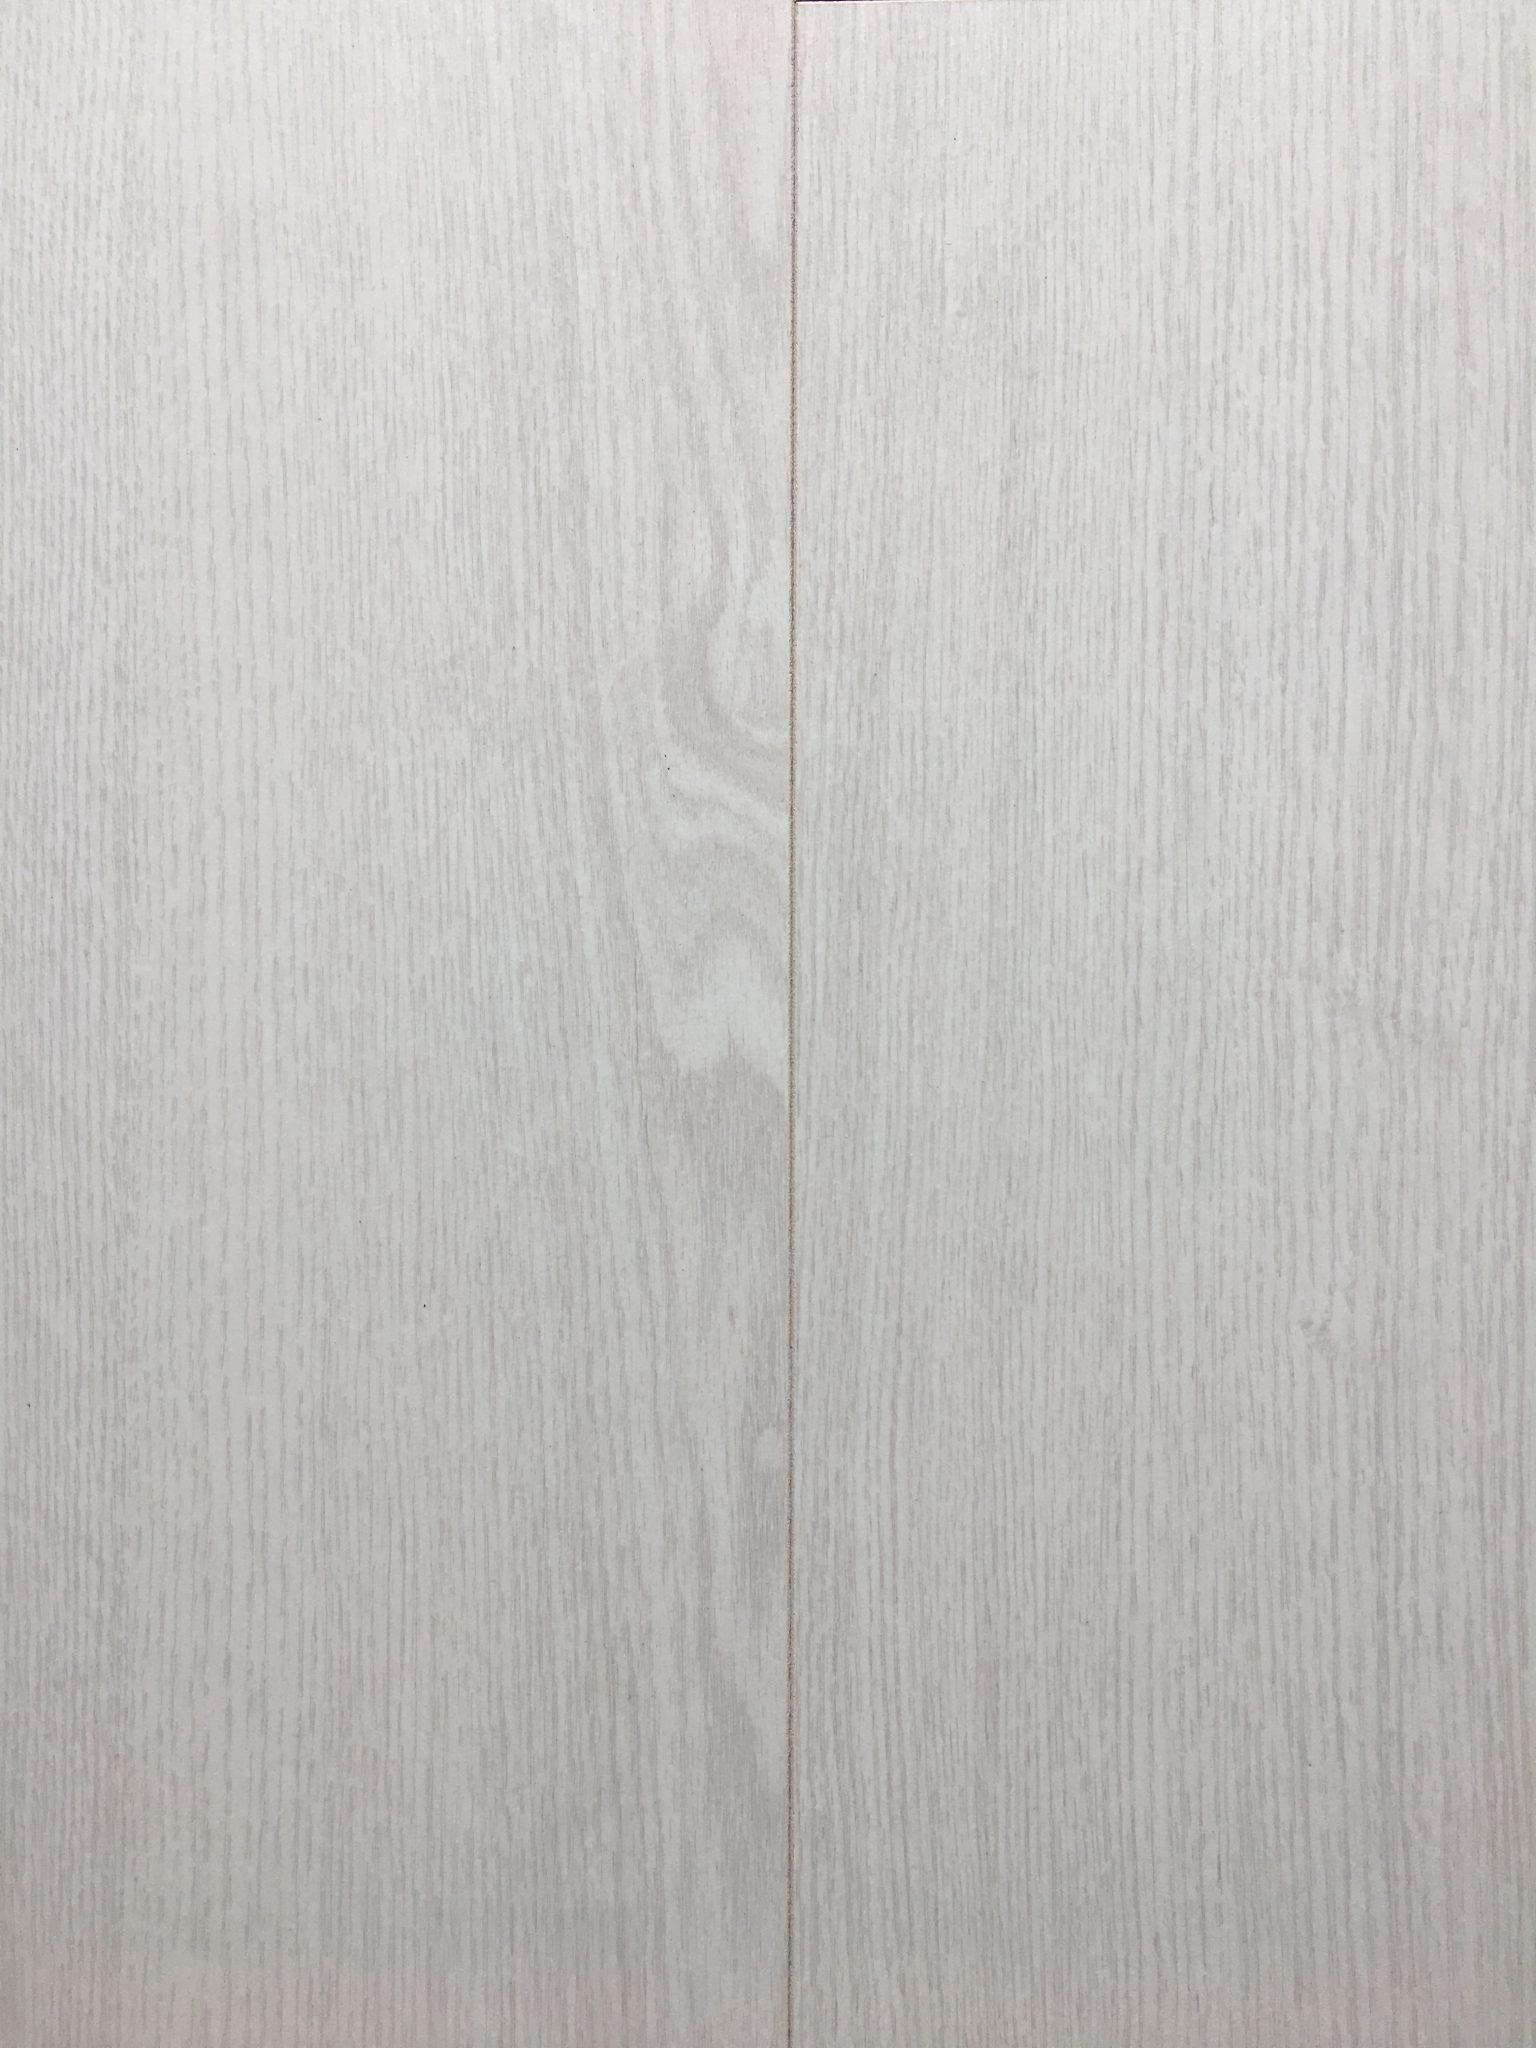 Parchet laminat alb Modfloor D 3728 WG